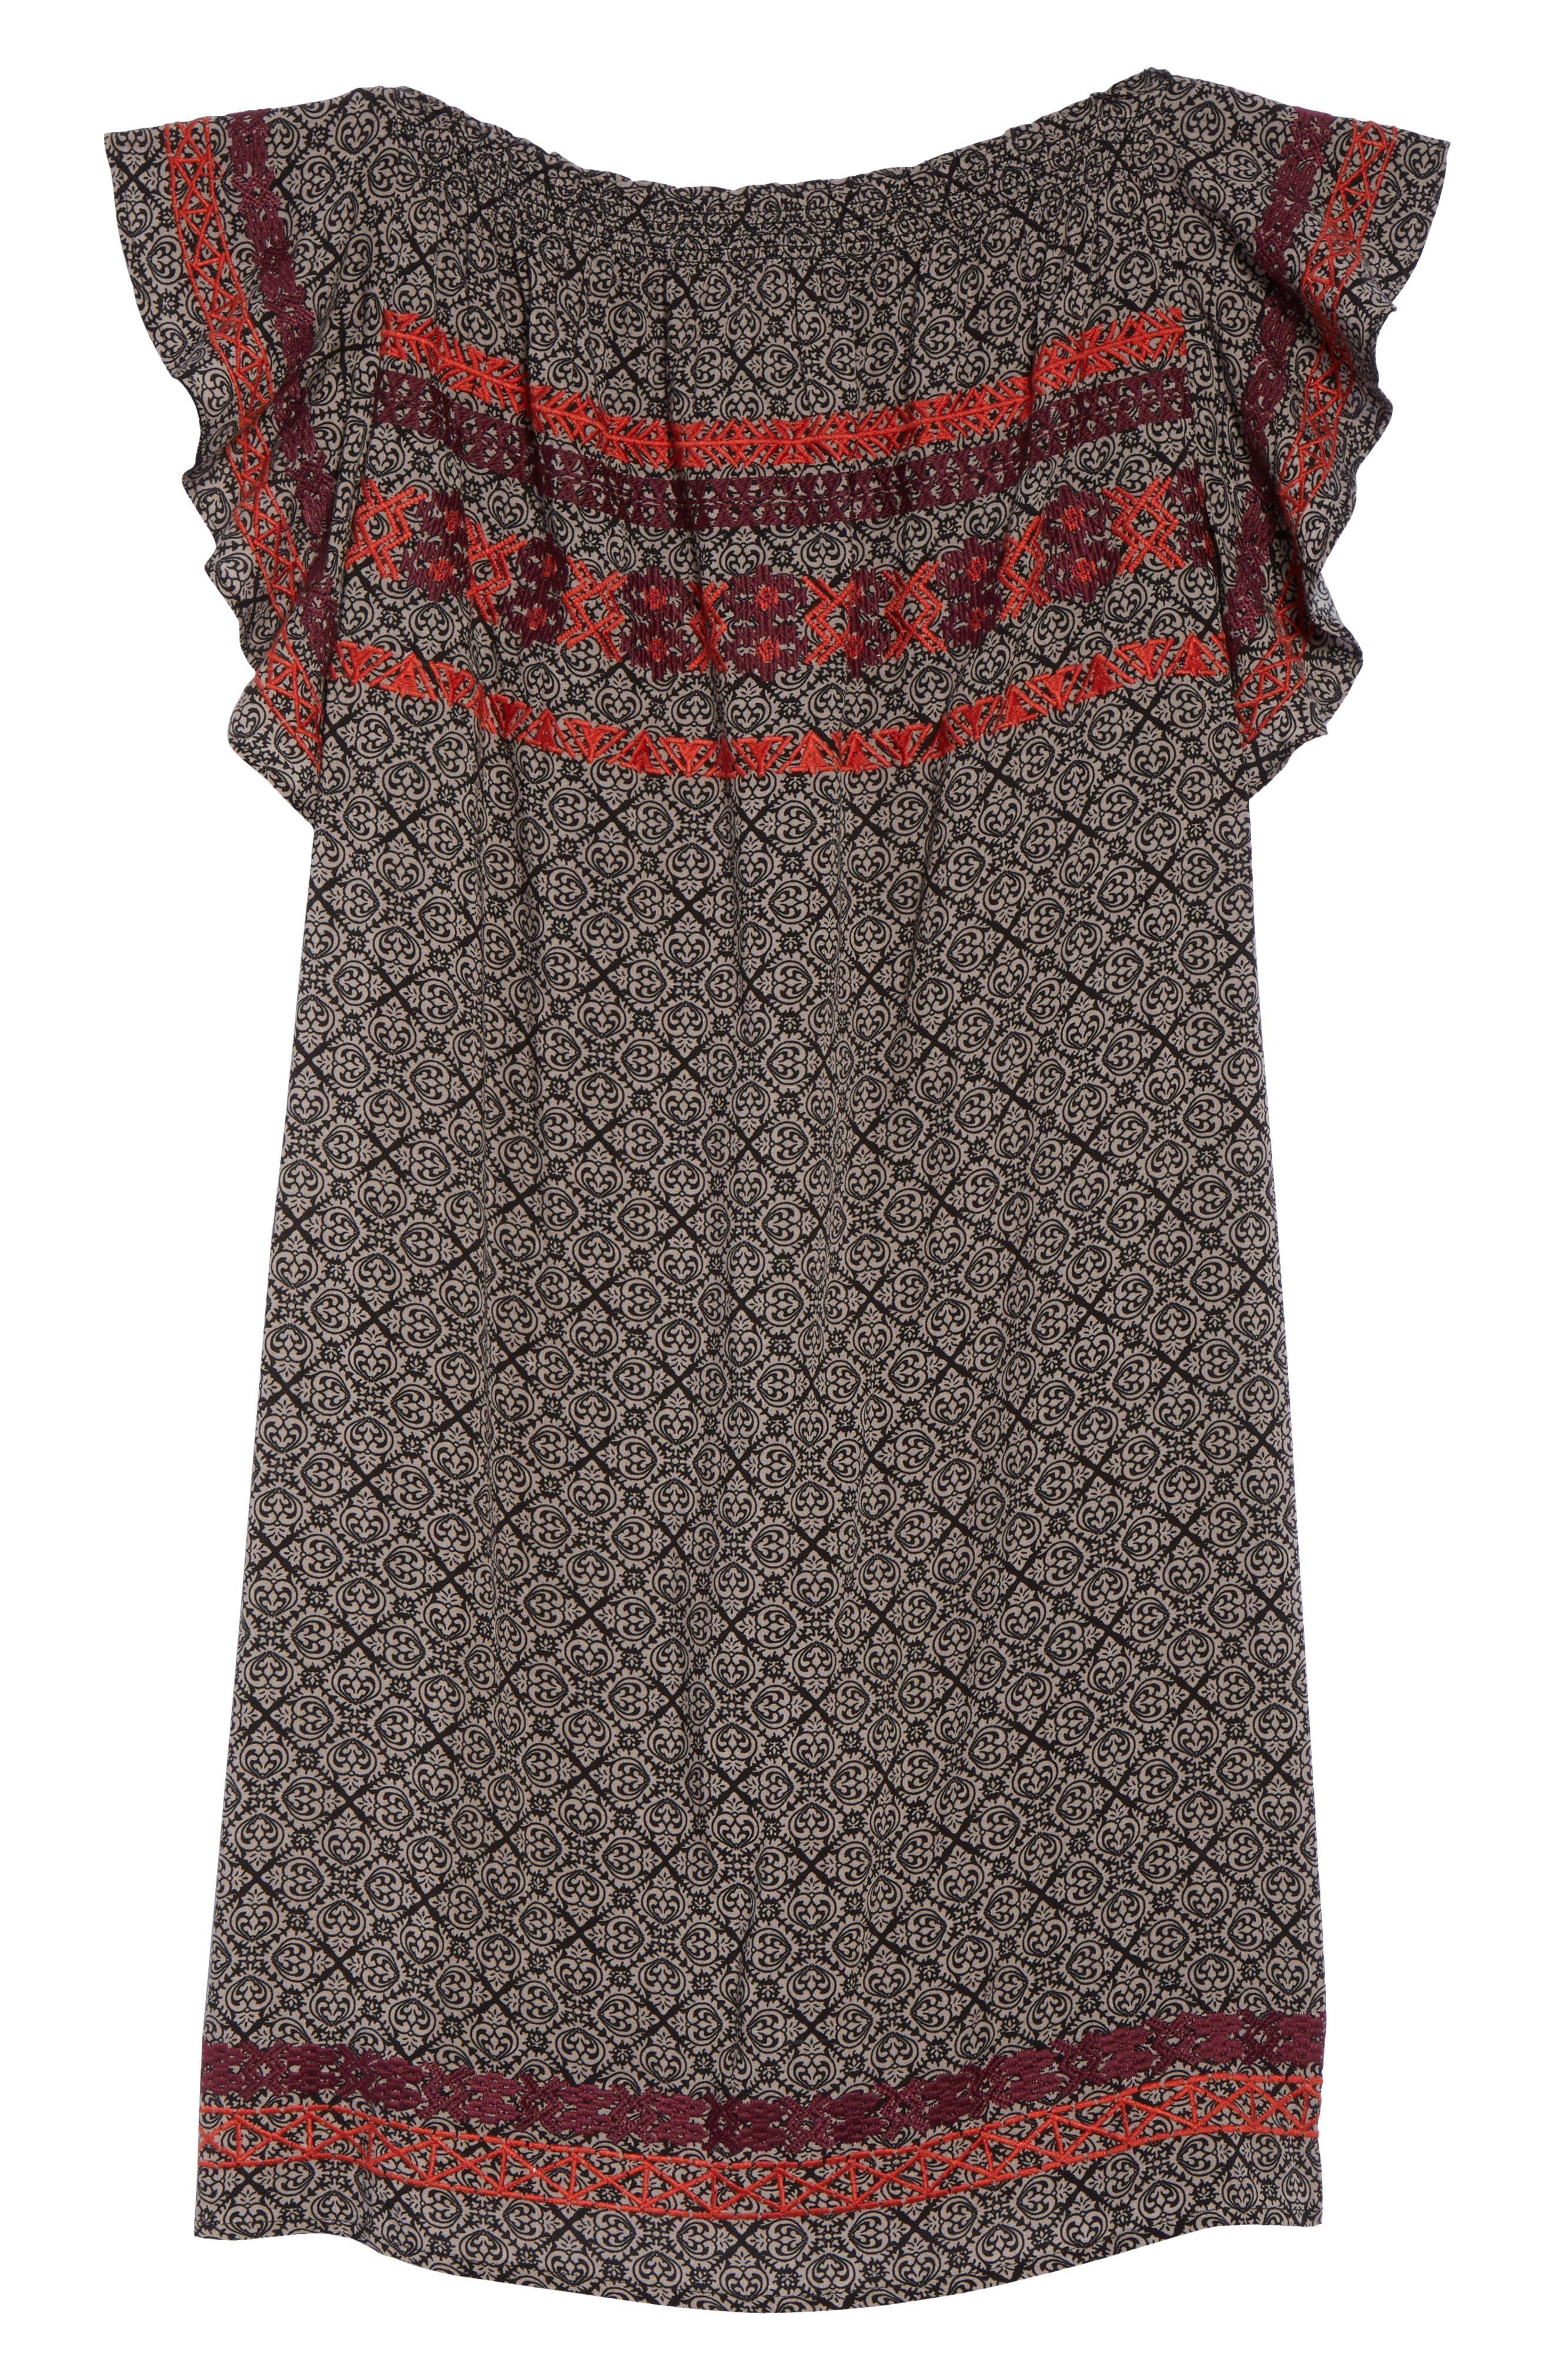 Flutter Sleeve Shift Dress,                             Alternate thumbnail 6, color,                             Black